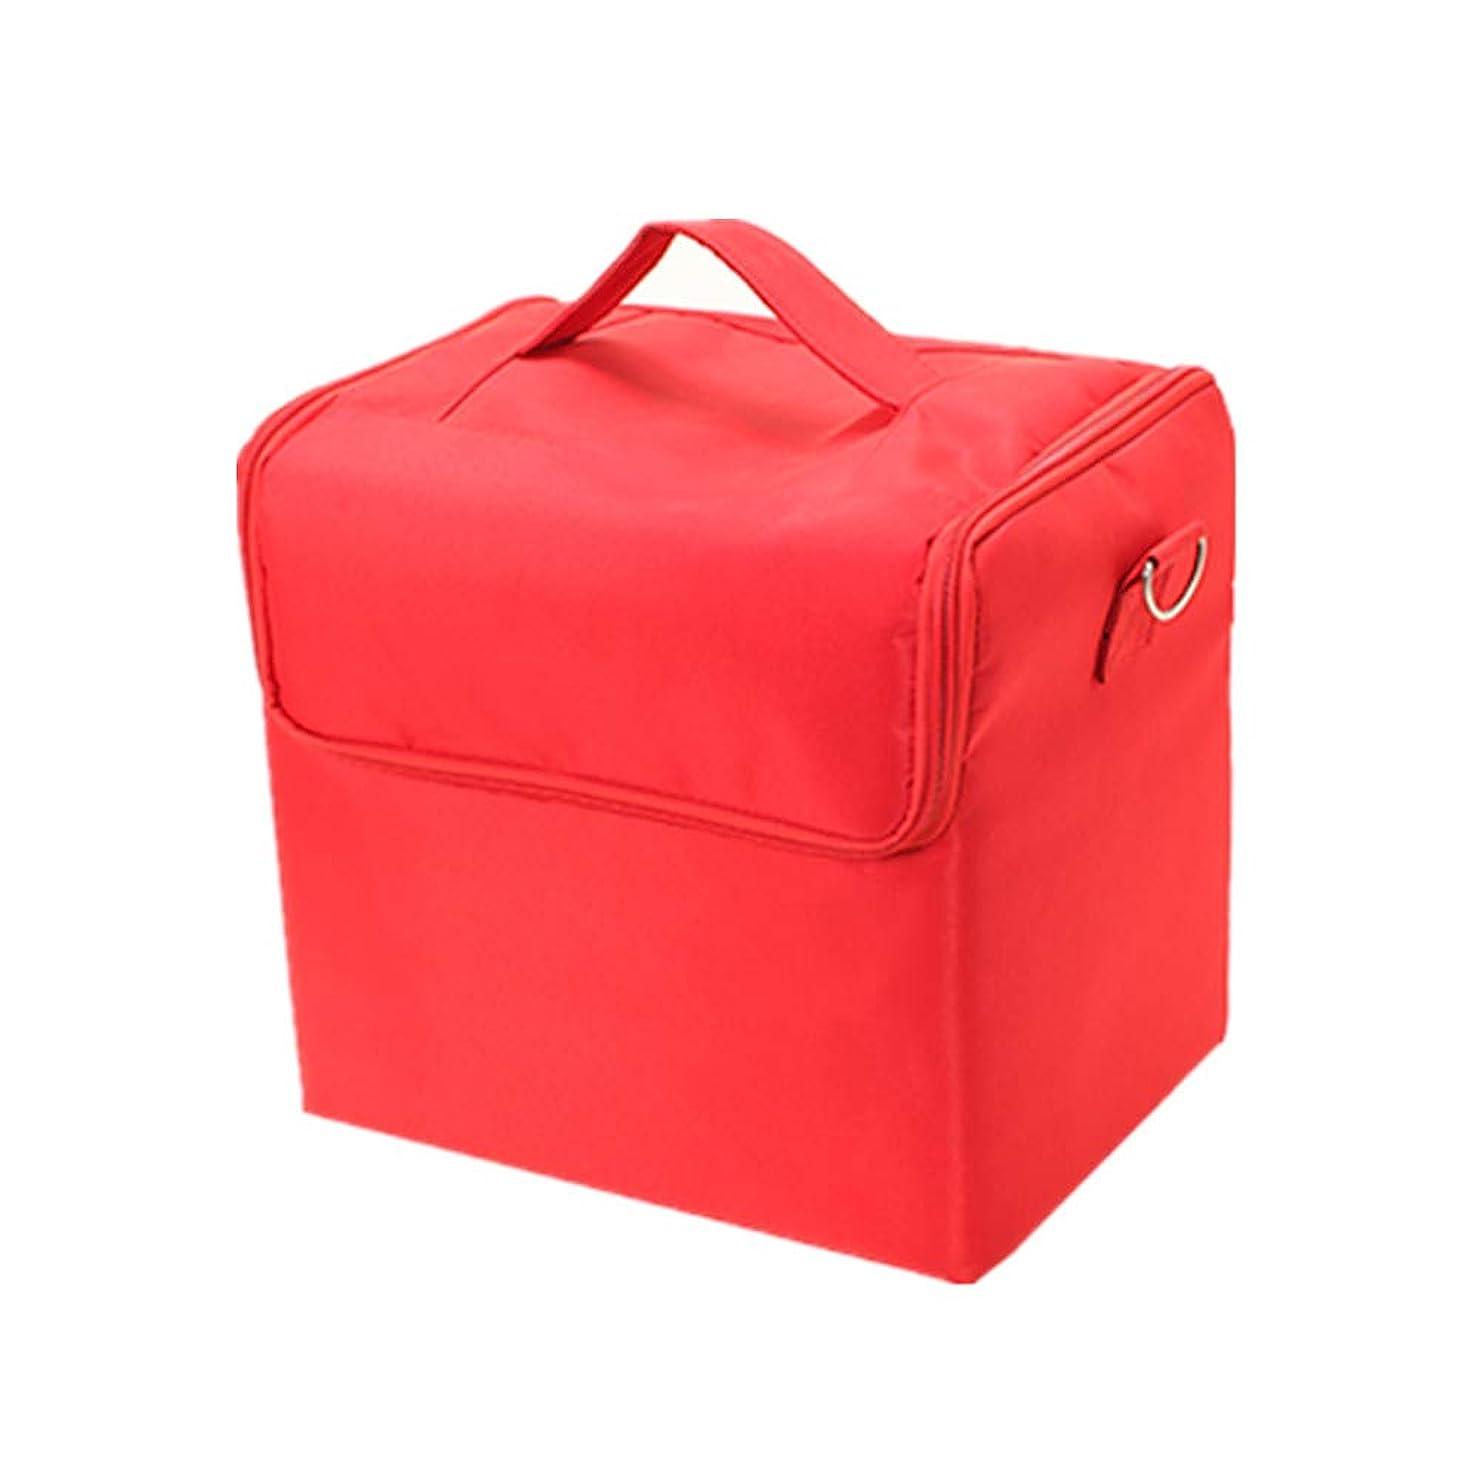 スカイすごいアフリカ人化粧オーガナイザーバッグ 純粋な色のカジュアルポータ??ブル化粧品バッグ美容メイクアップとトラベルで旅行 化粧品ケース